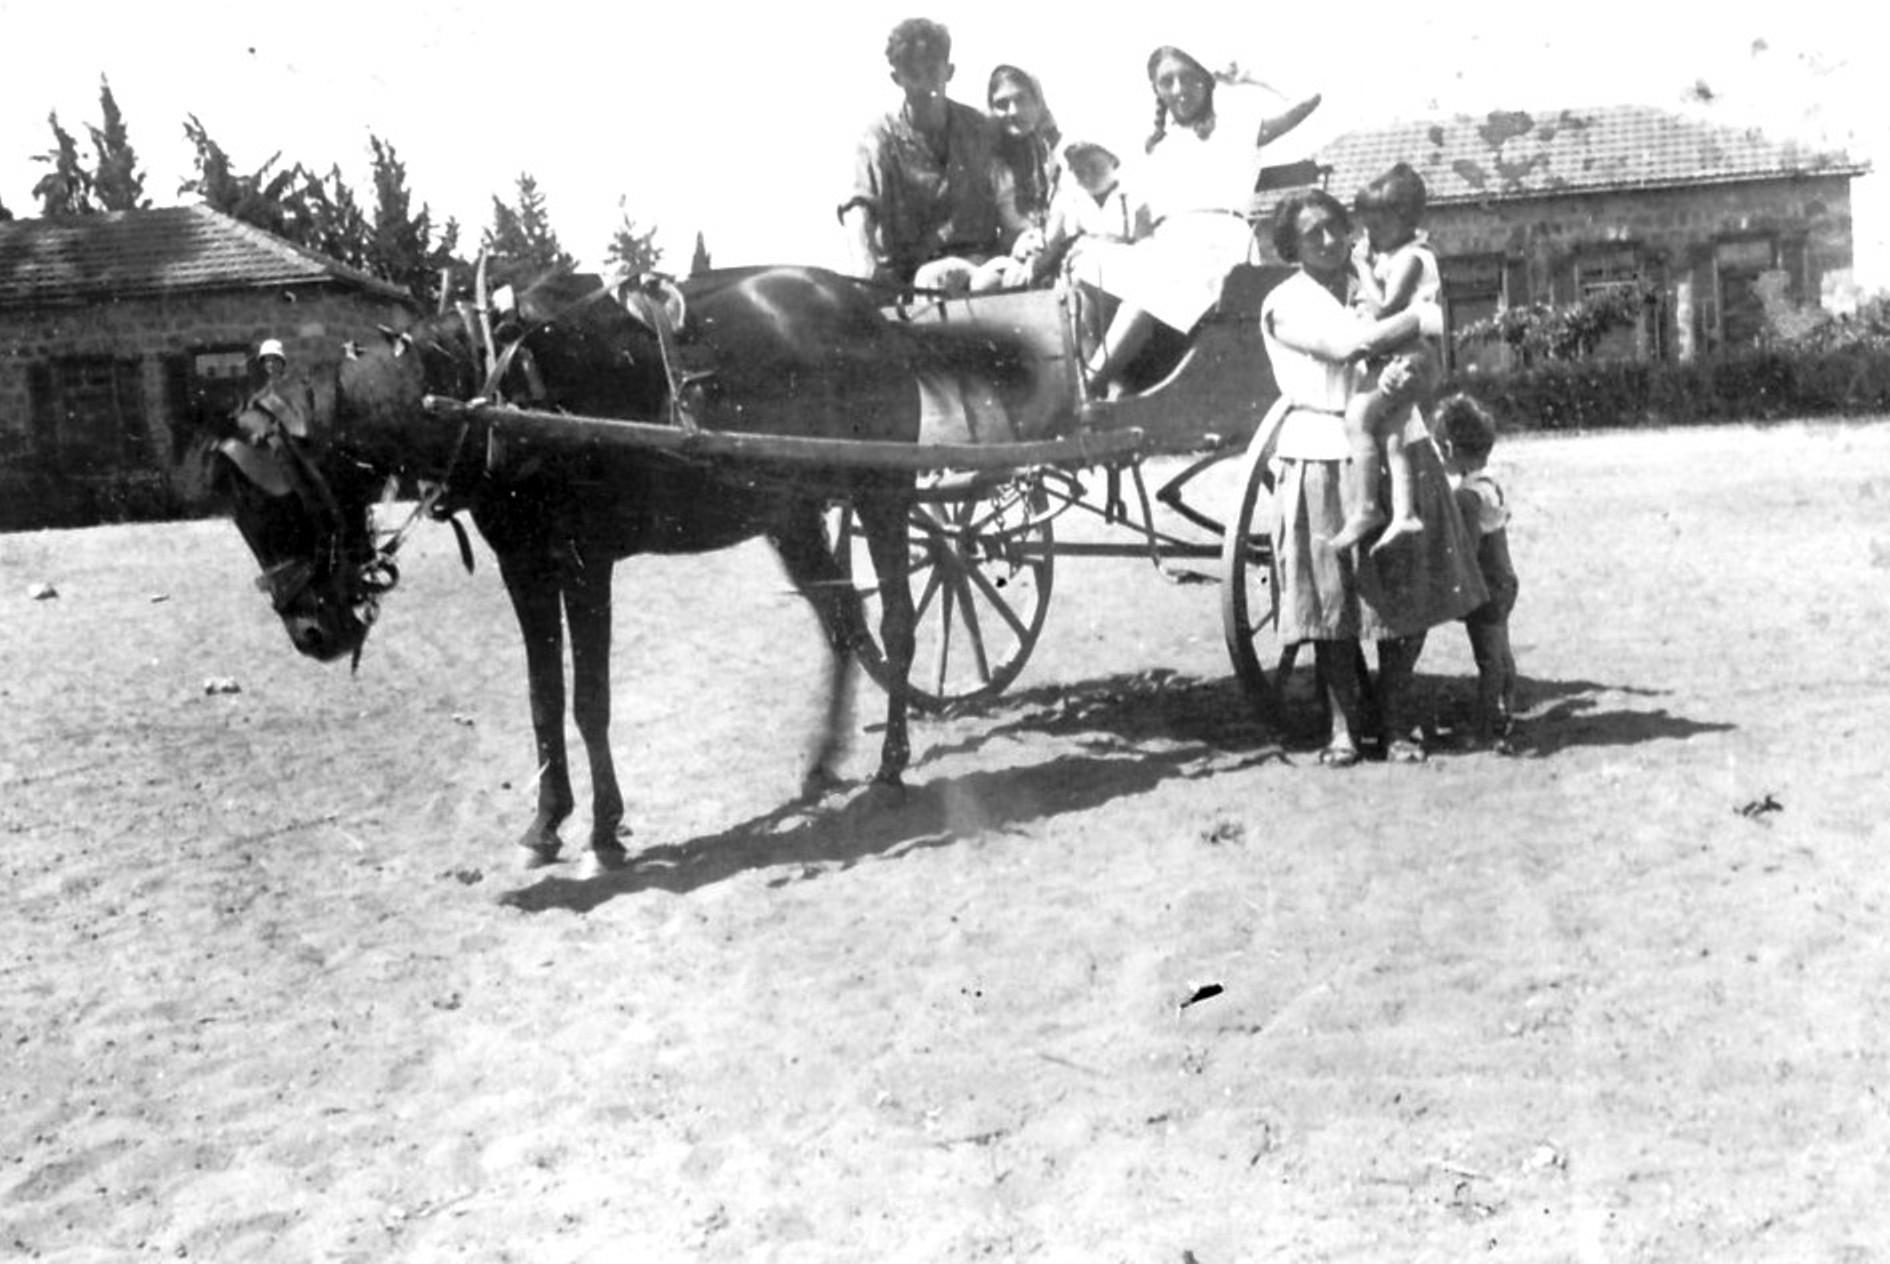 גן שמואל-חברים בכרכרה בחצר 1940